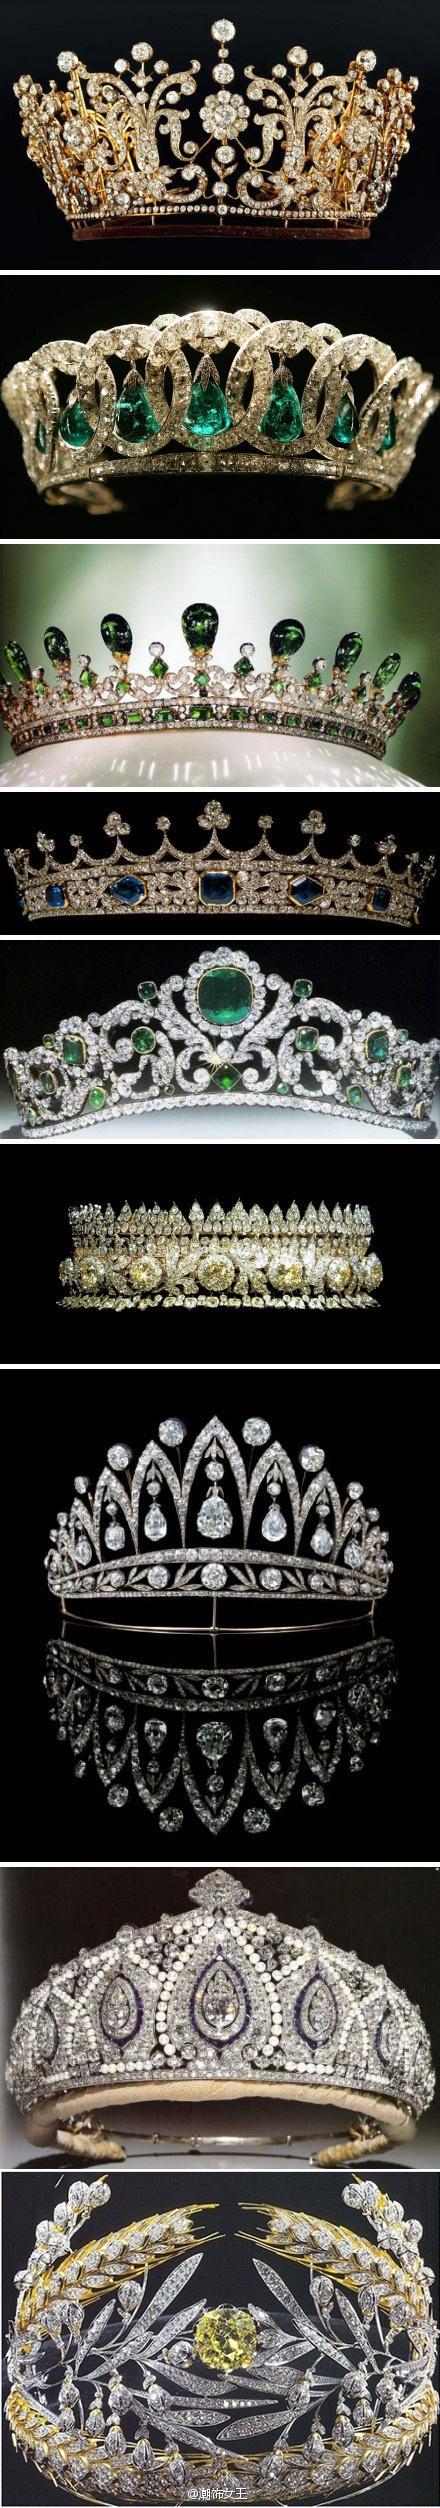 [转贴]冠冕,每个女人都梦想着有一顶这样的皇冠,都有着一颗女王的心